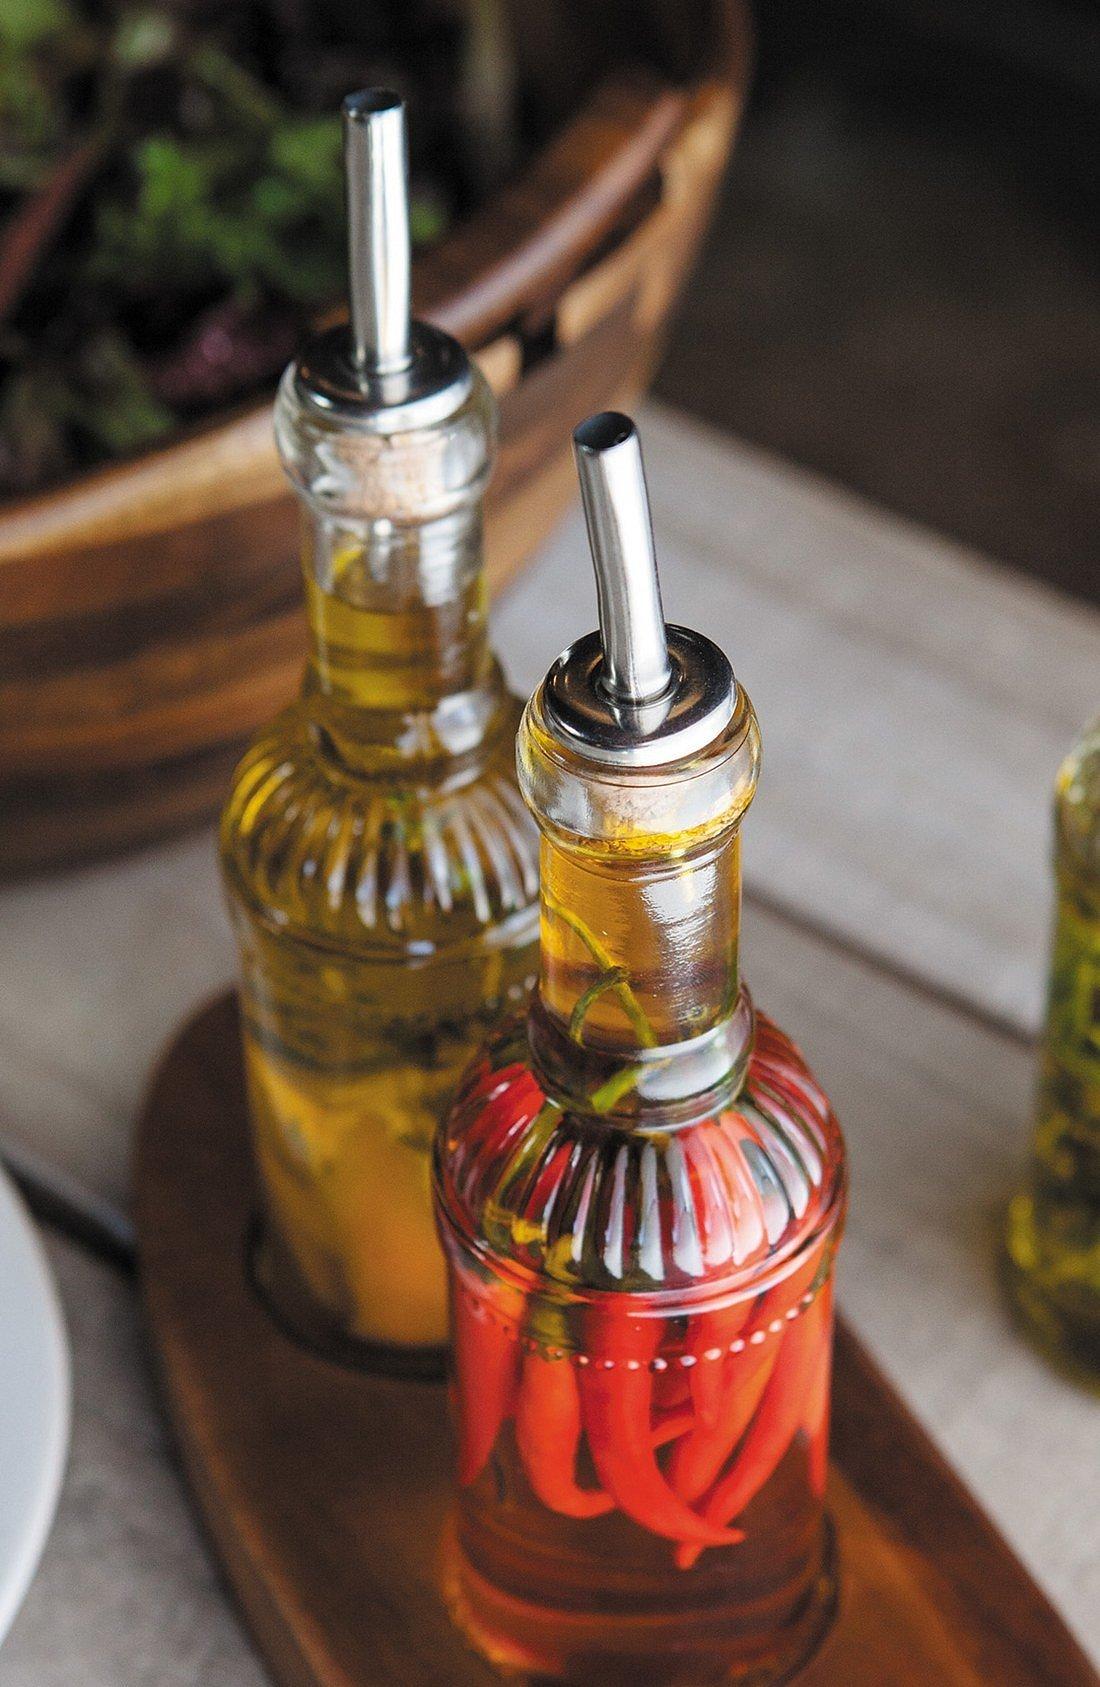 Oil and Vinegar Glass Bottles